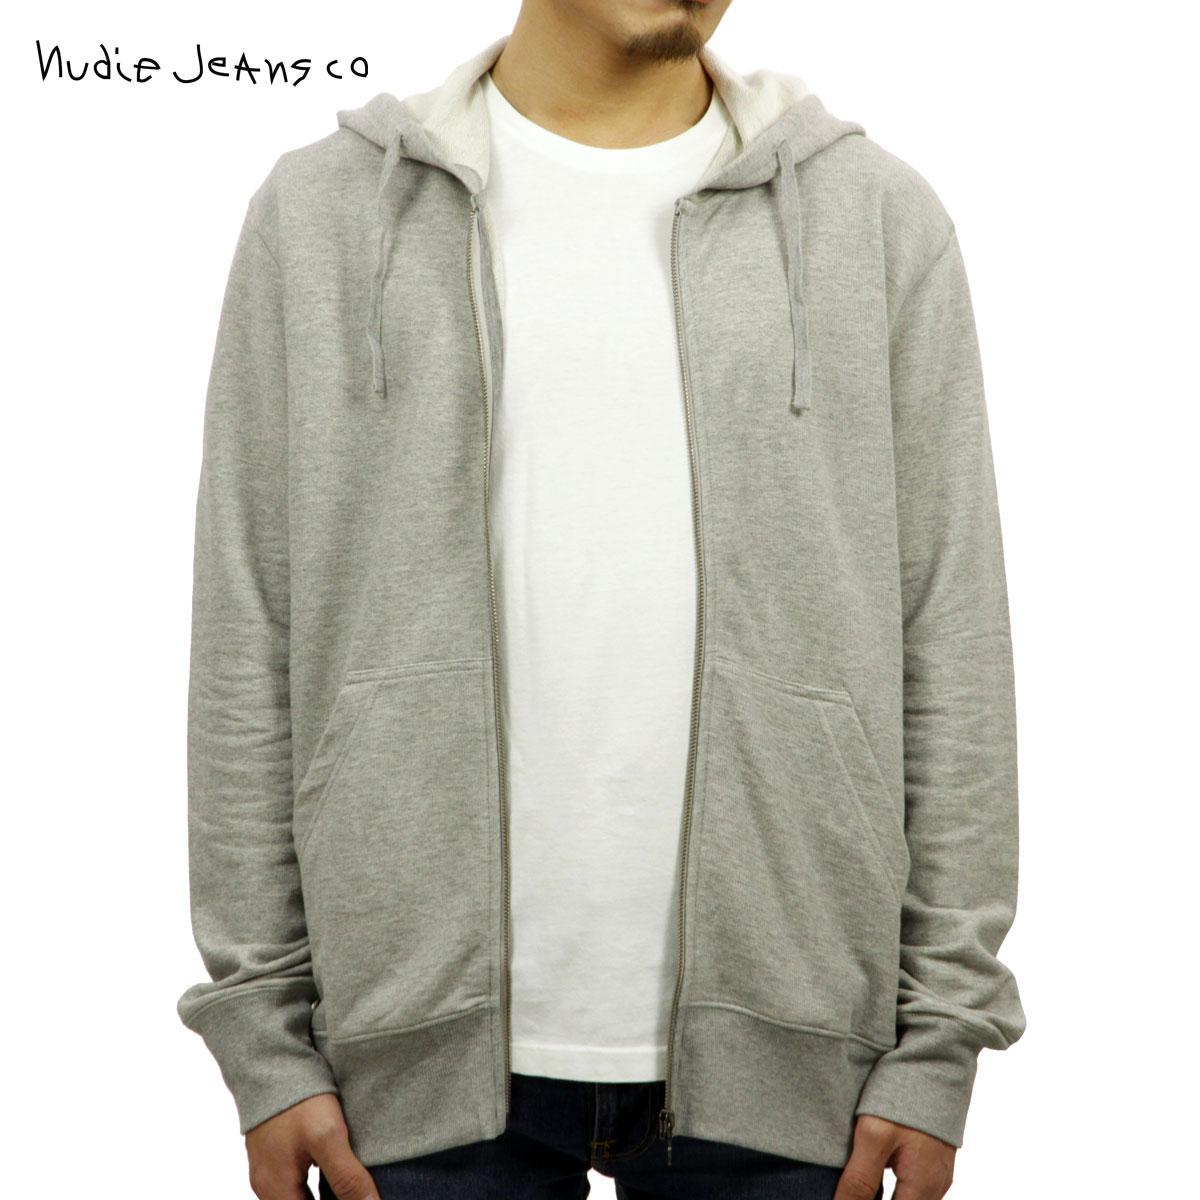 ヌーディージーンズ パーカー メンズ 正規販売店 Nudie Jeans ジップアップパーカー LOKE LIGHT ZIP HOOD PARKA GREYMELANGE B04 150324 4015